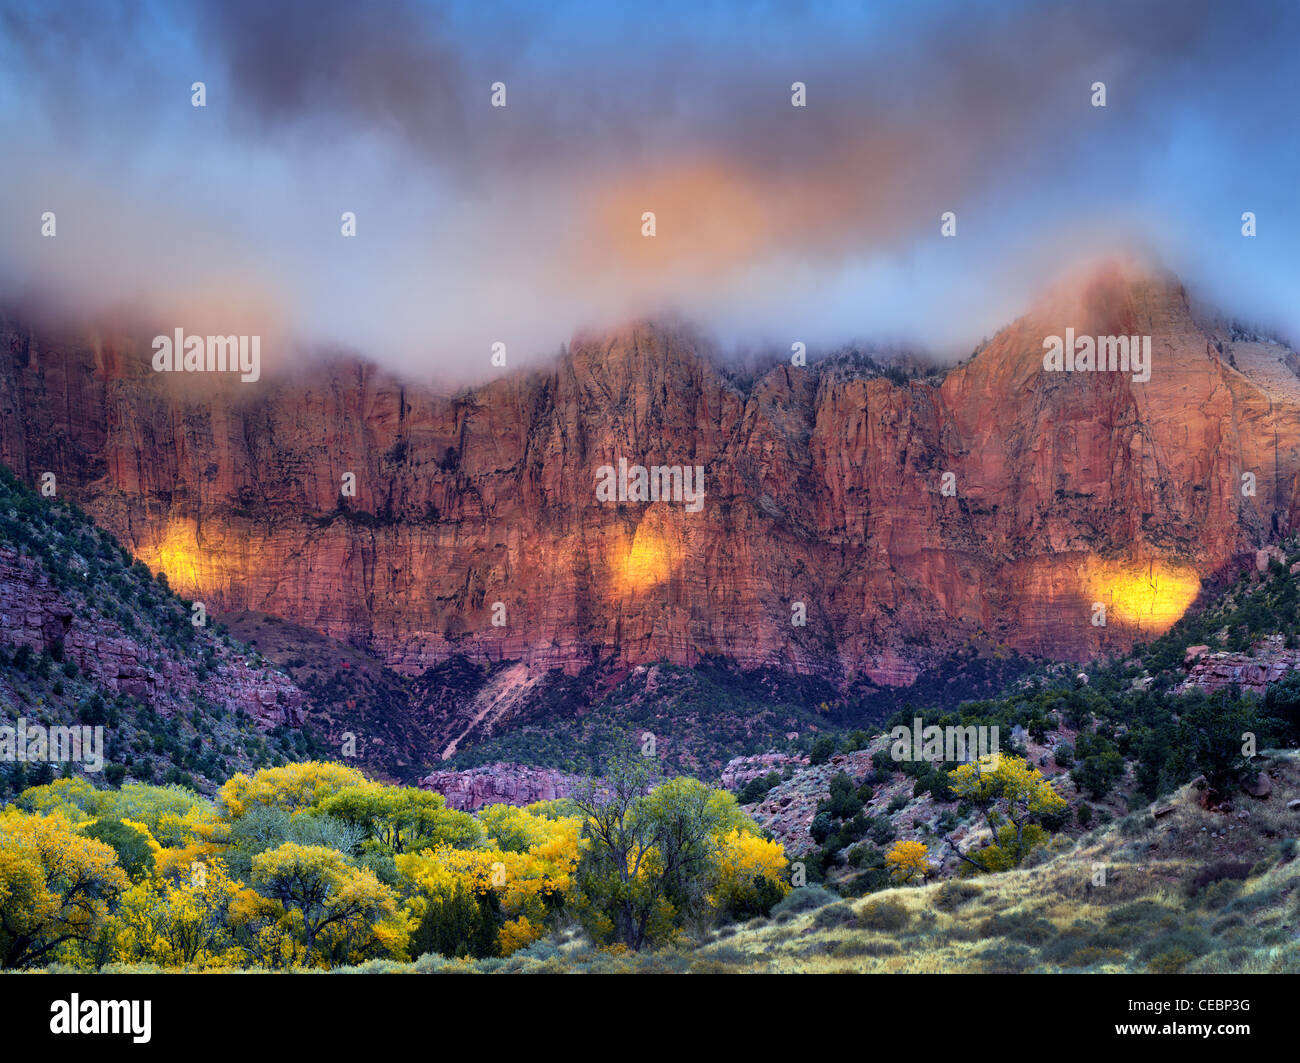 Sunrise peaking attraverso nuvole temporalesche.Con la caduta delle torri di colore della Vergine. Parco Nazionale Immagini Stock